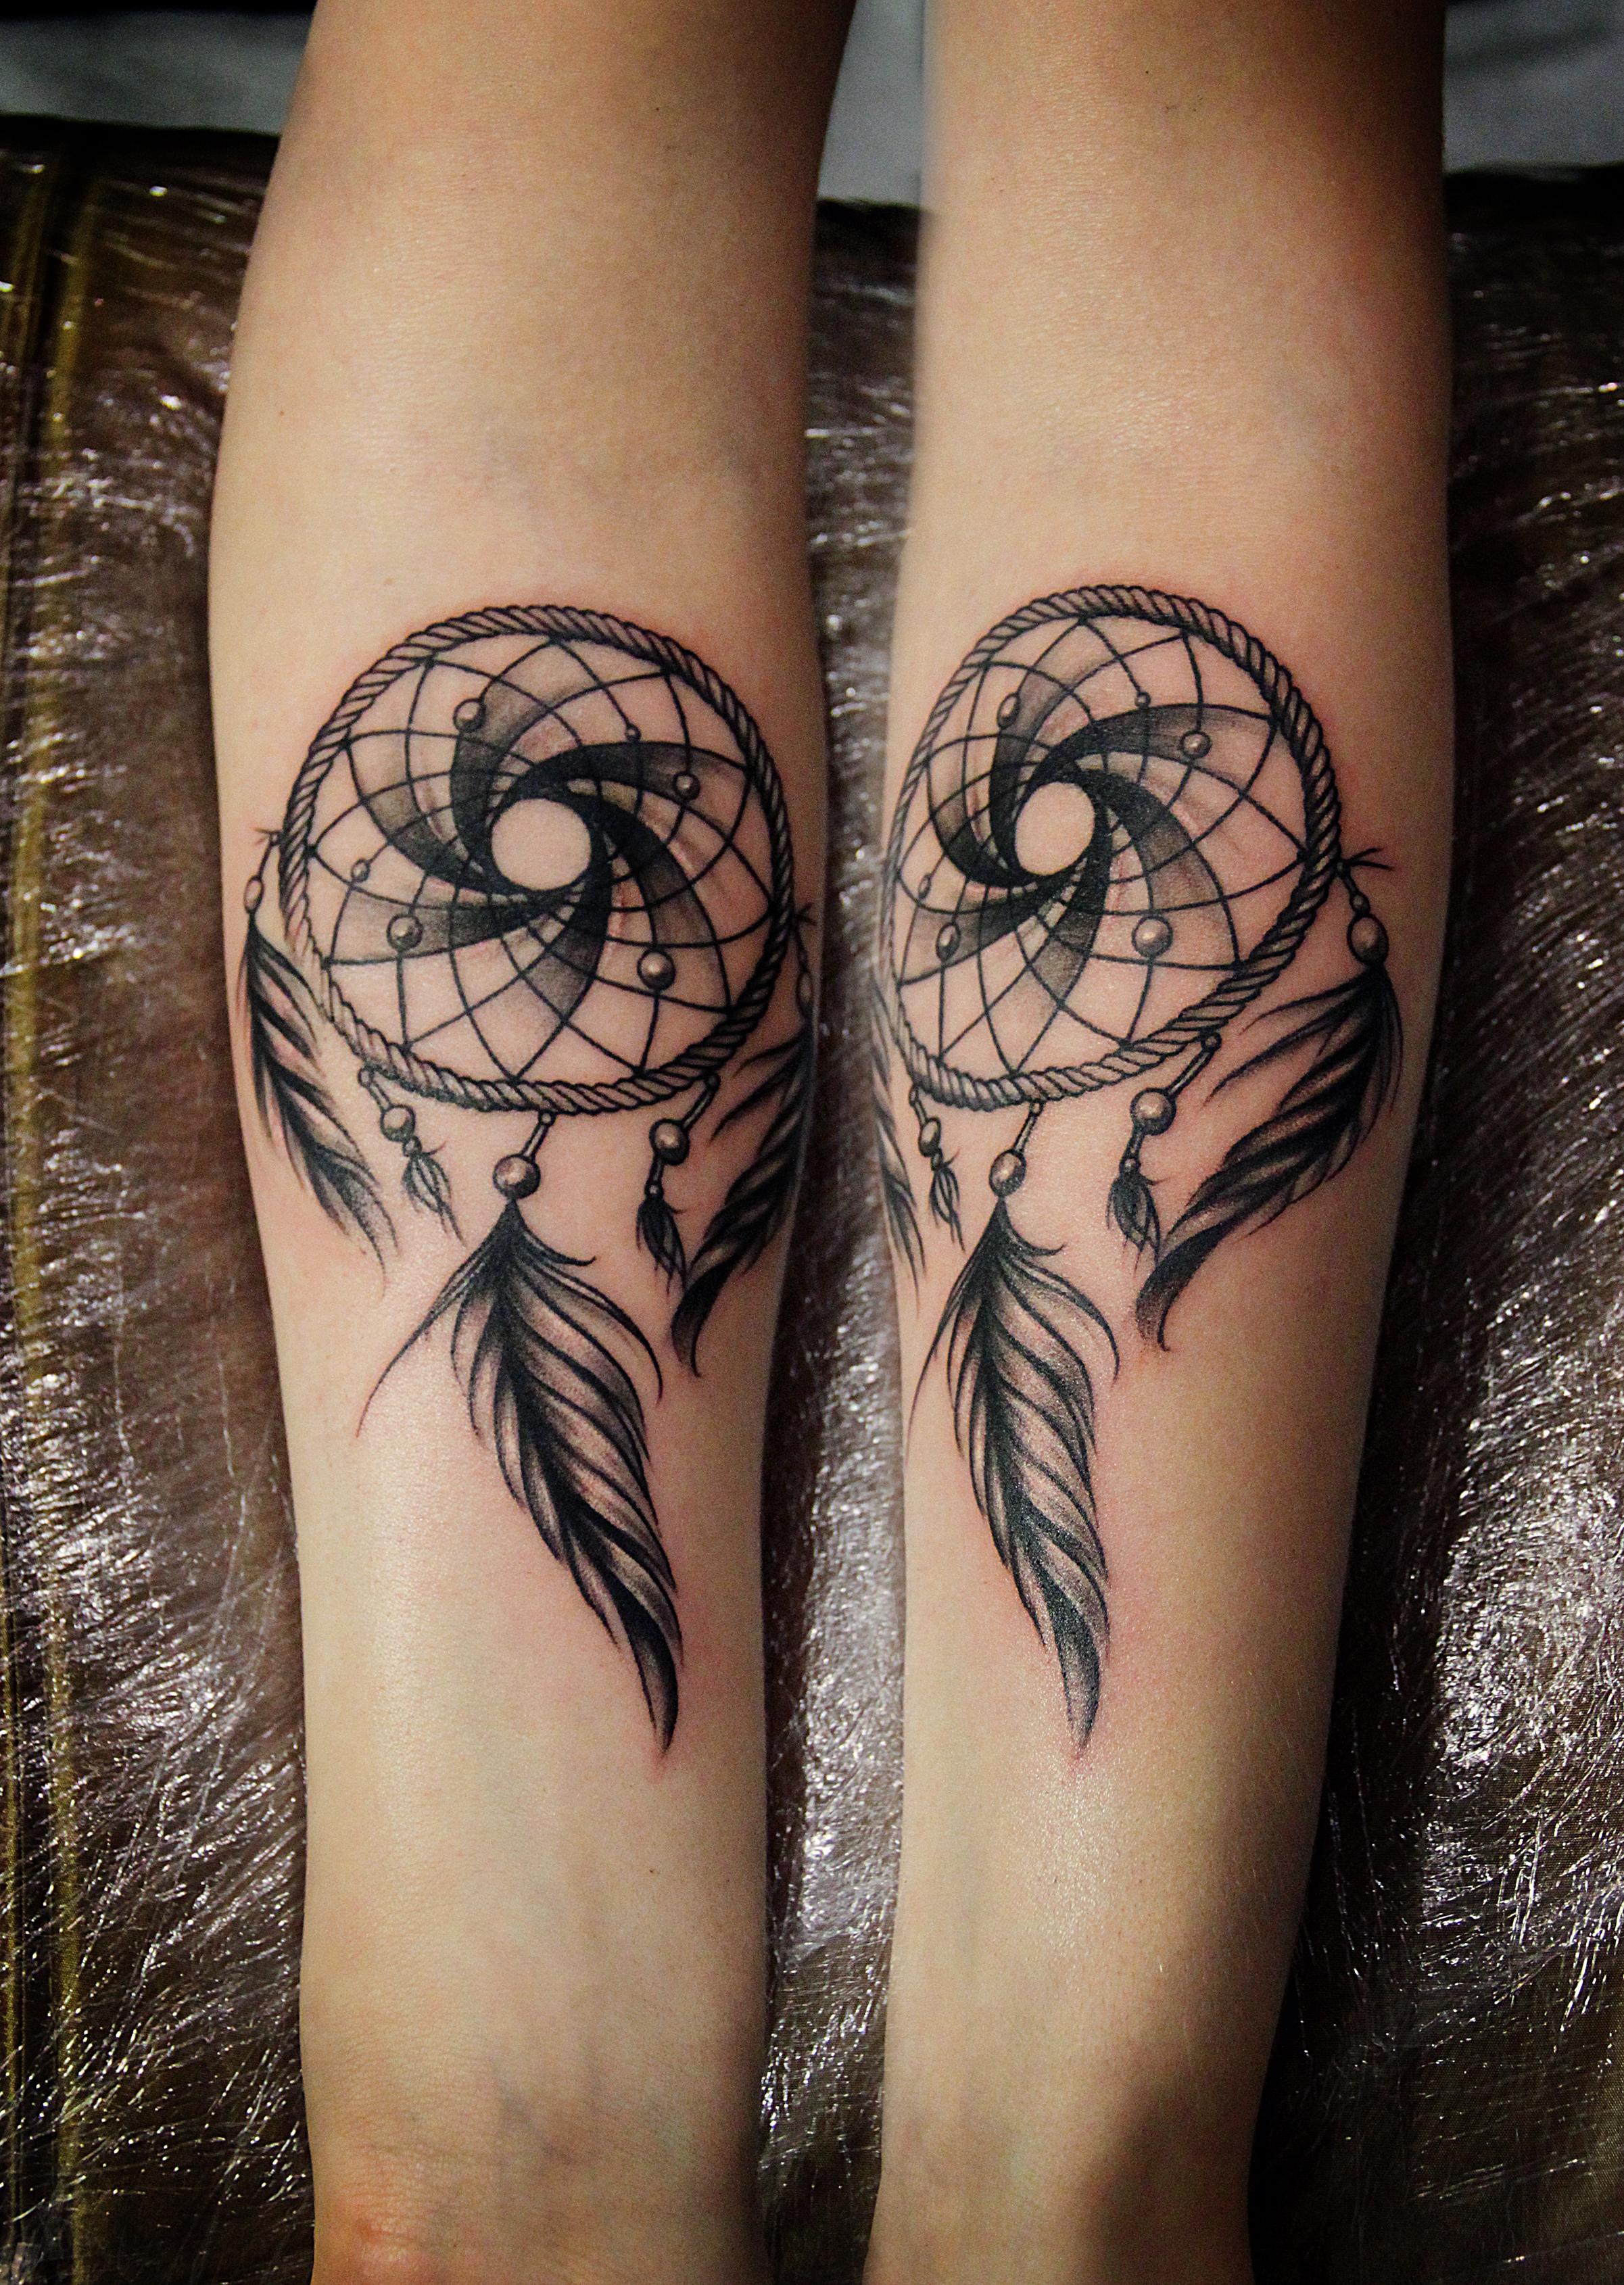 Художественная татуировка «Ловец снов». Выполнена мастером Валерием Моргуновым, по собственному эскизу. Расположение: предплечье. Время работы- 3 часа.